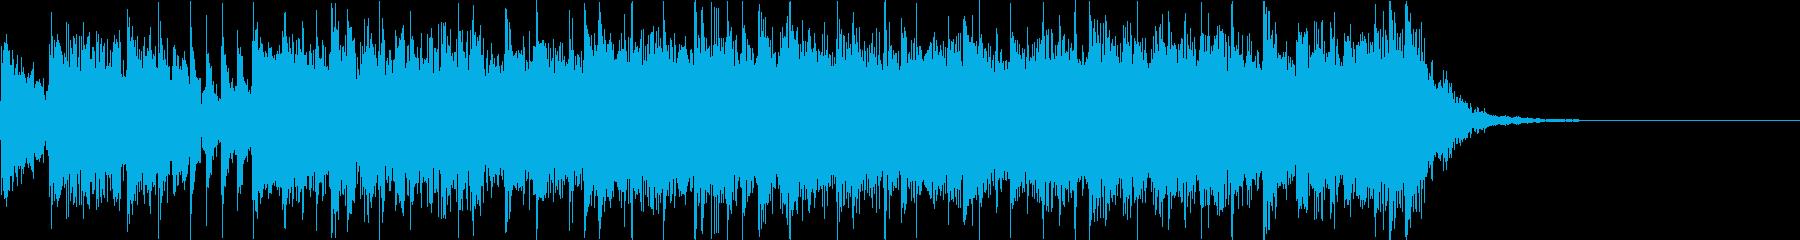 三味線/和太鼓 勢いのいい和風ロックの再生済みの波形